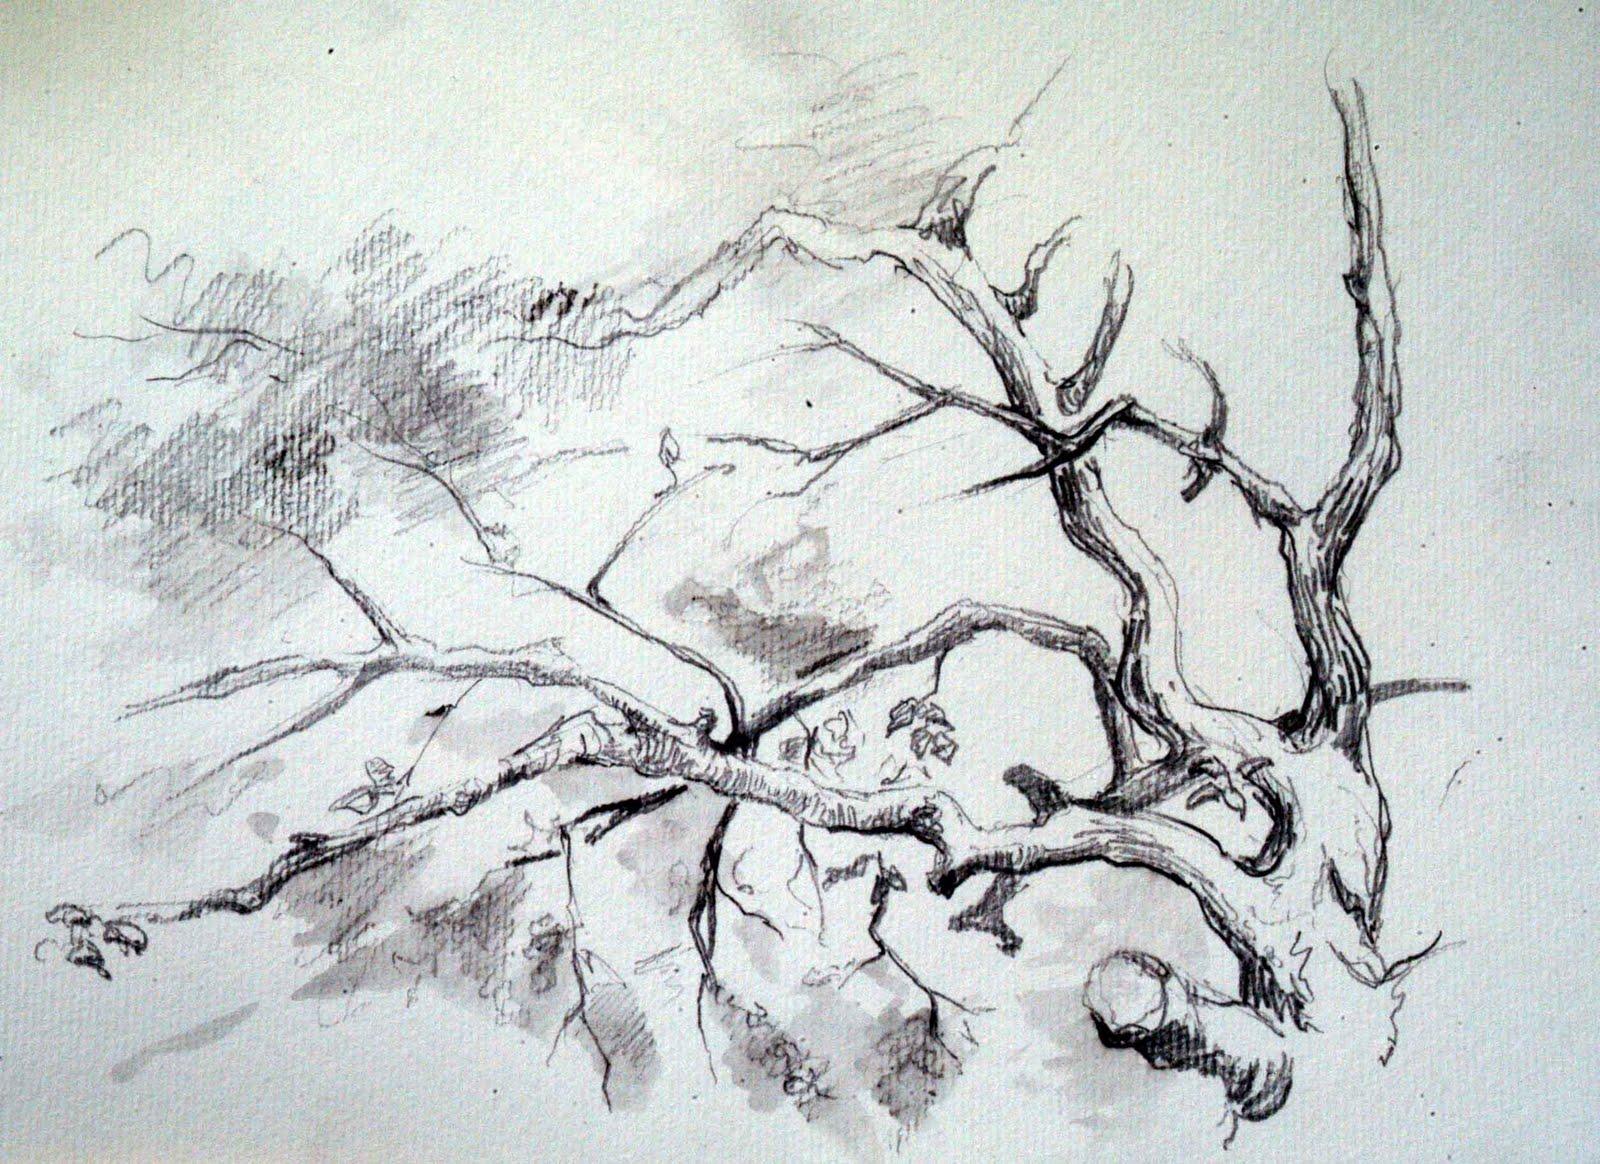 Desene in natura,Persunari 2008